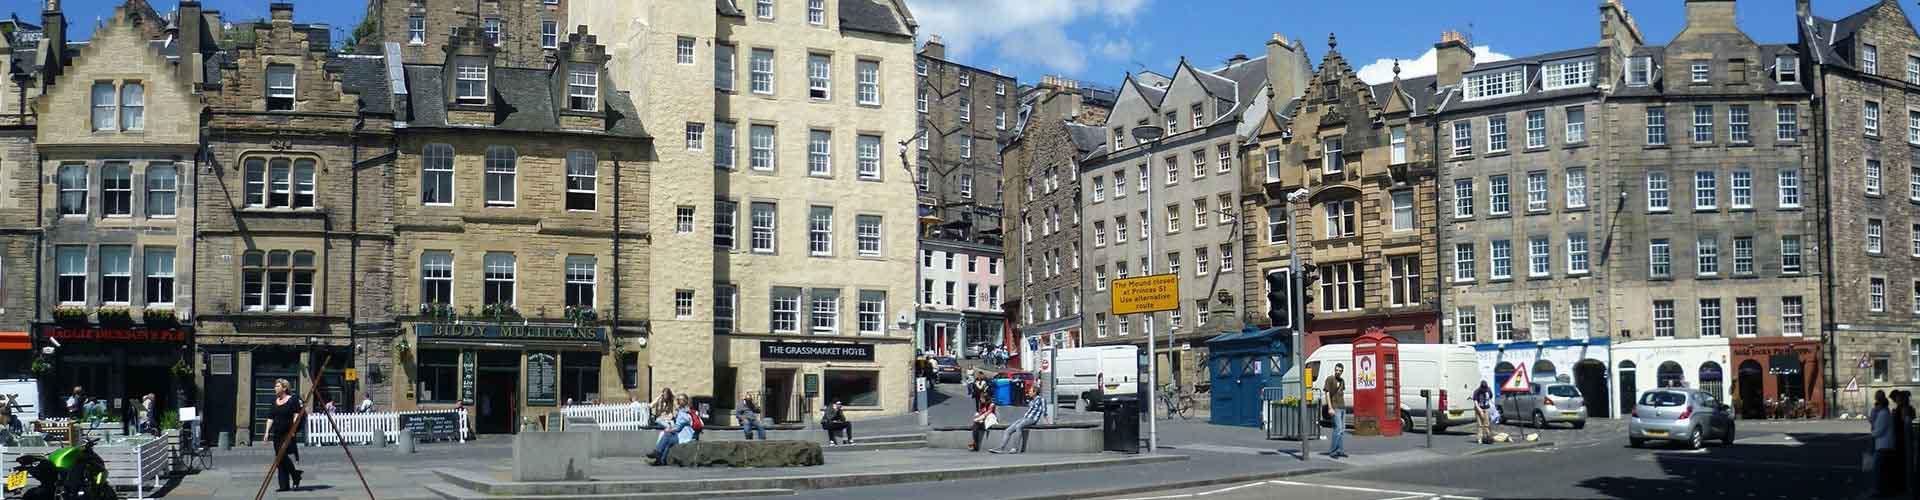 Edimbourg - Chambres pas chères dans le quartier de The Grassmarket. Cartes pour Edimbourg, photos et commentaires pour chaque chambre à Edimbourg.